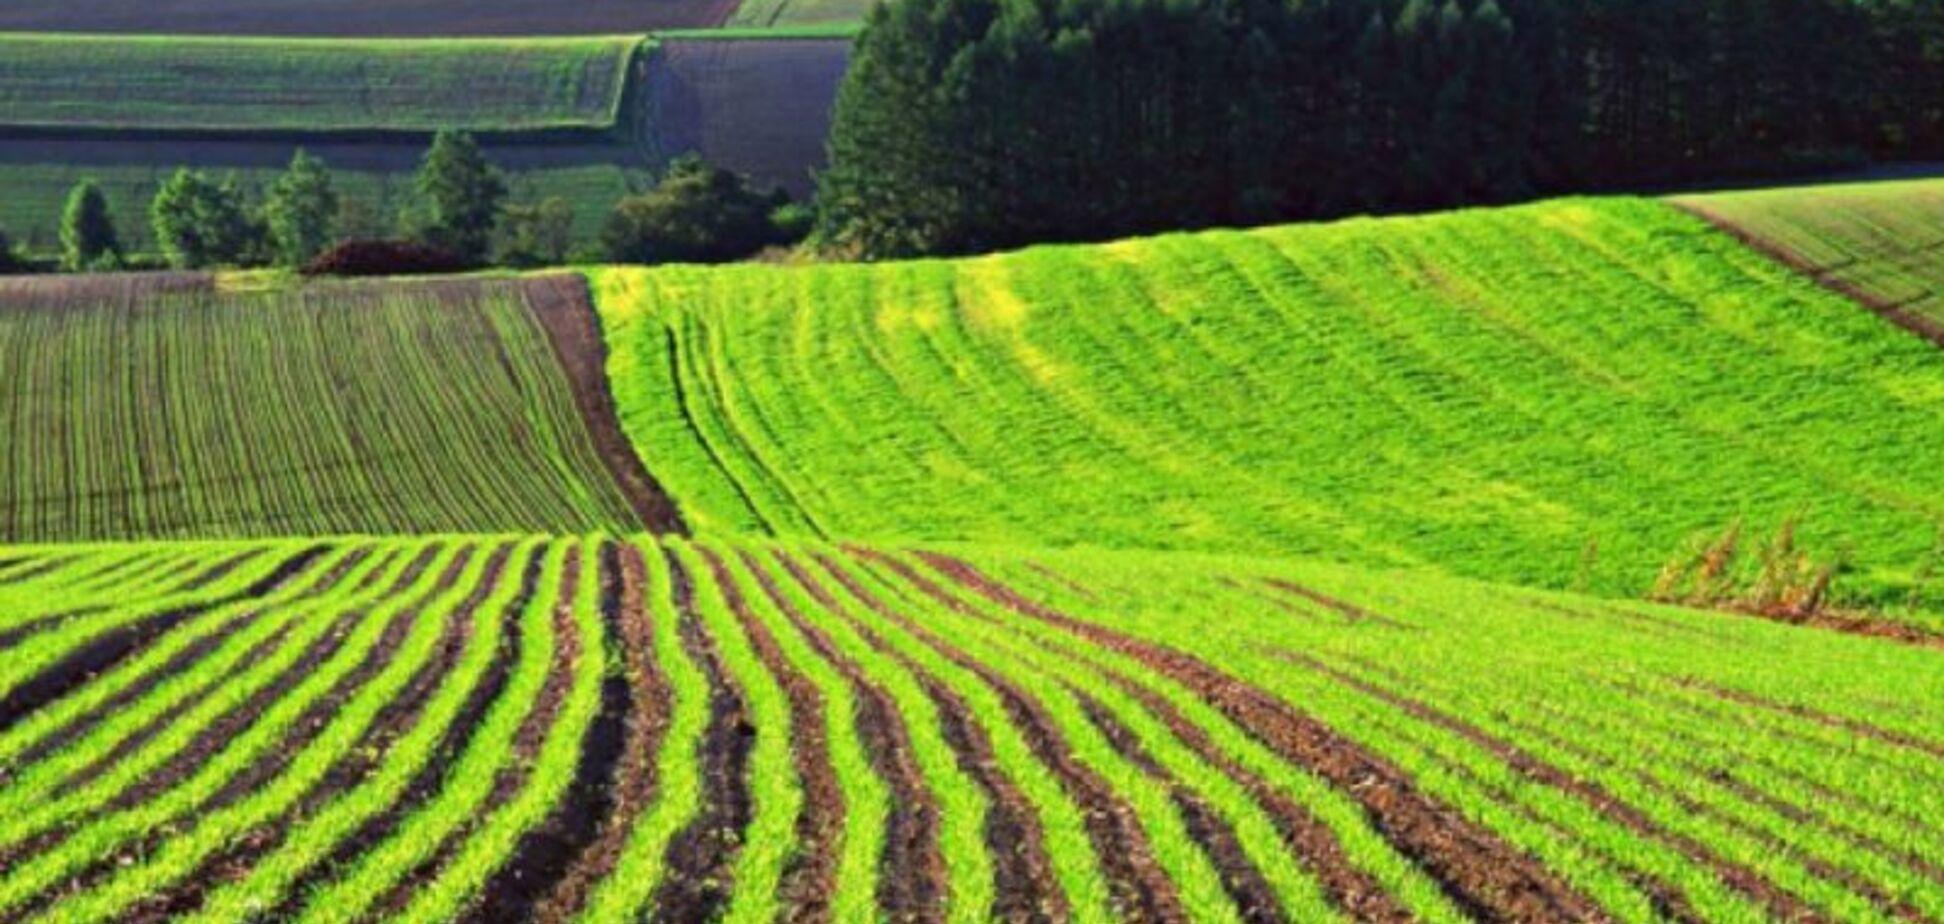 Закон про землю потрібен Зеленському, щоб швидко розпродати 8 млн га державної землі